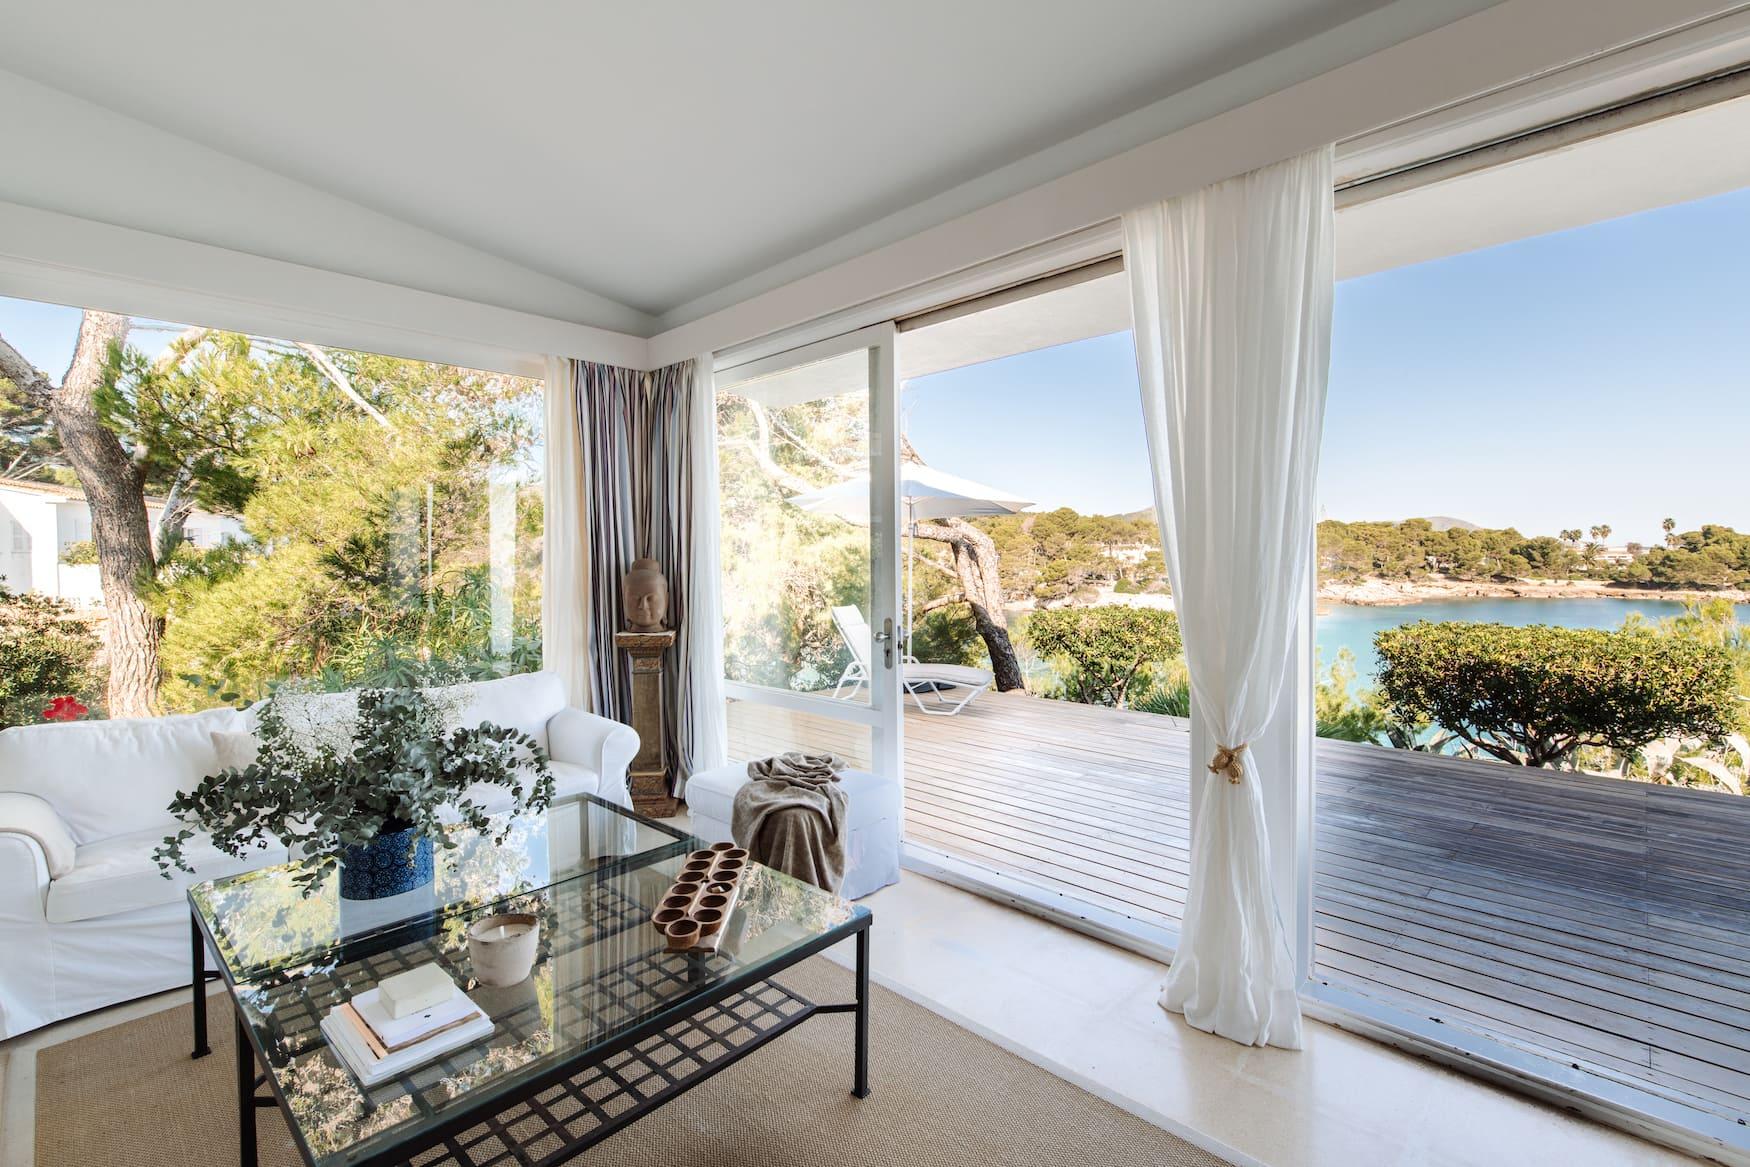 Das Seaside Cottage ist eines der schönsten Ferienhäuser auf Mallorca